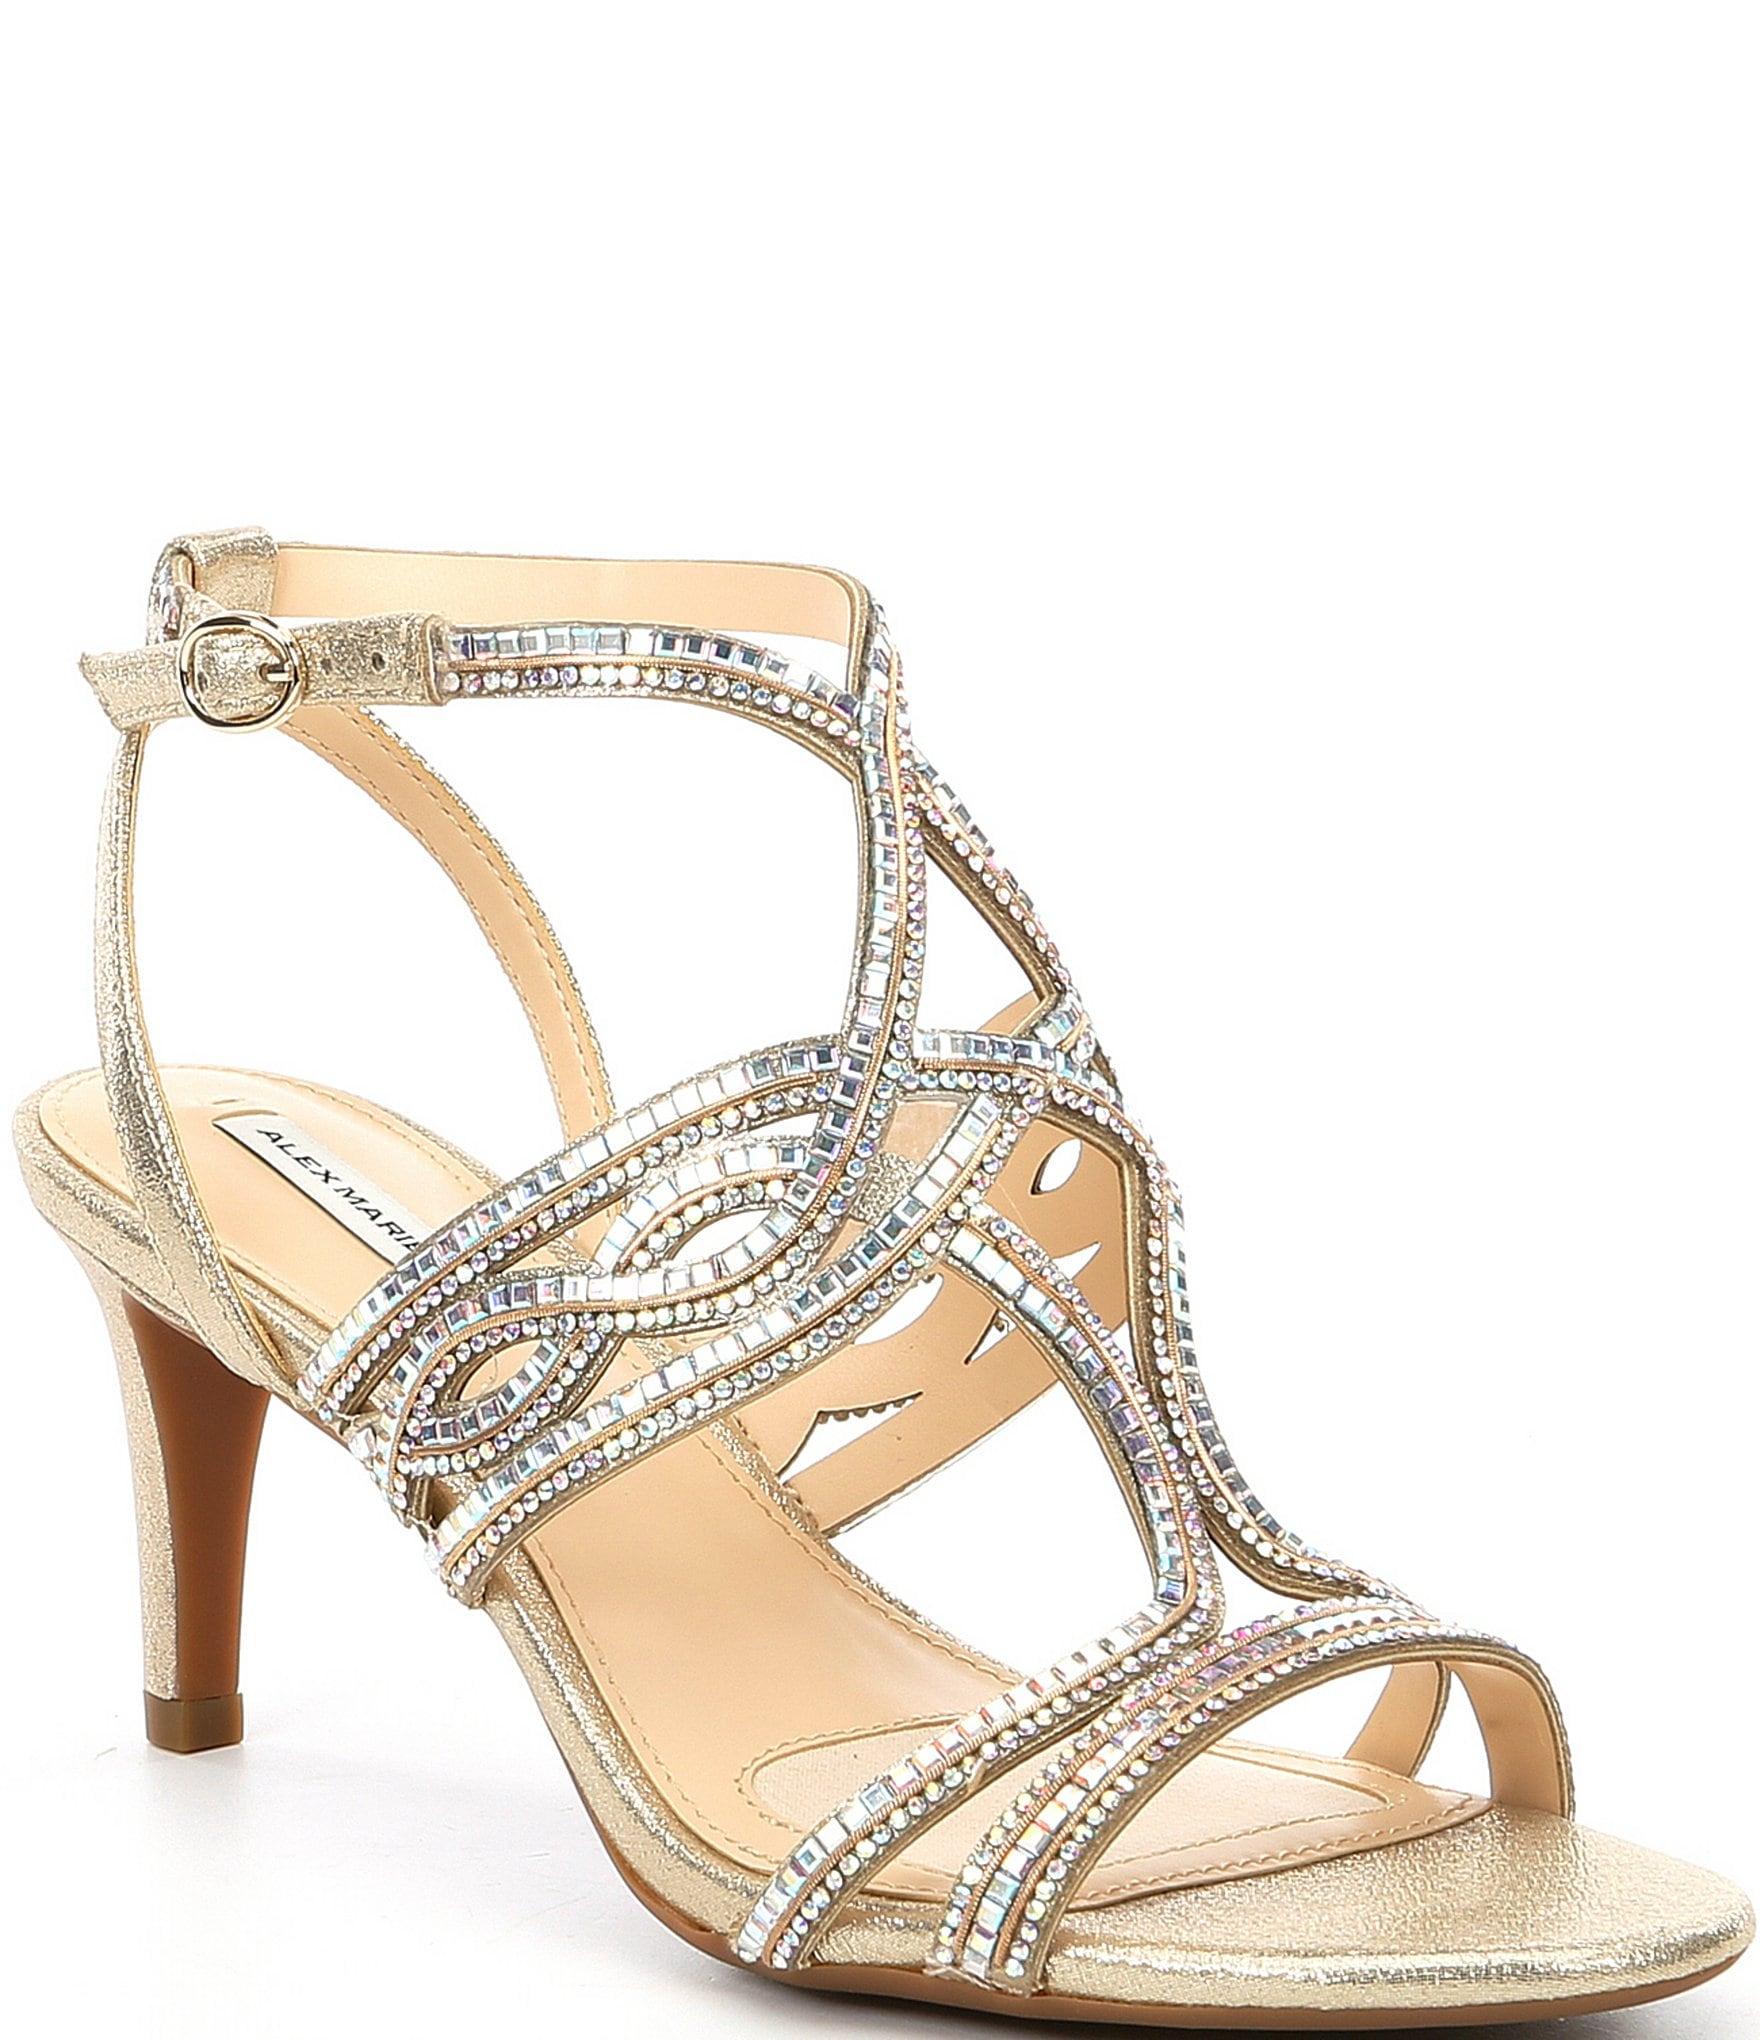 83e15237477 Alex Marie Women s Shoes